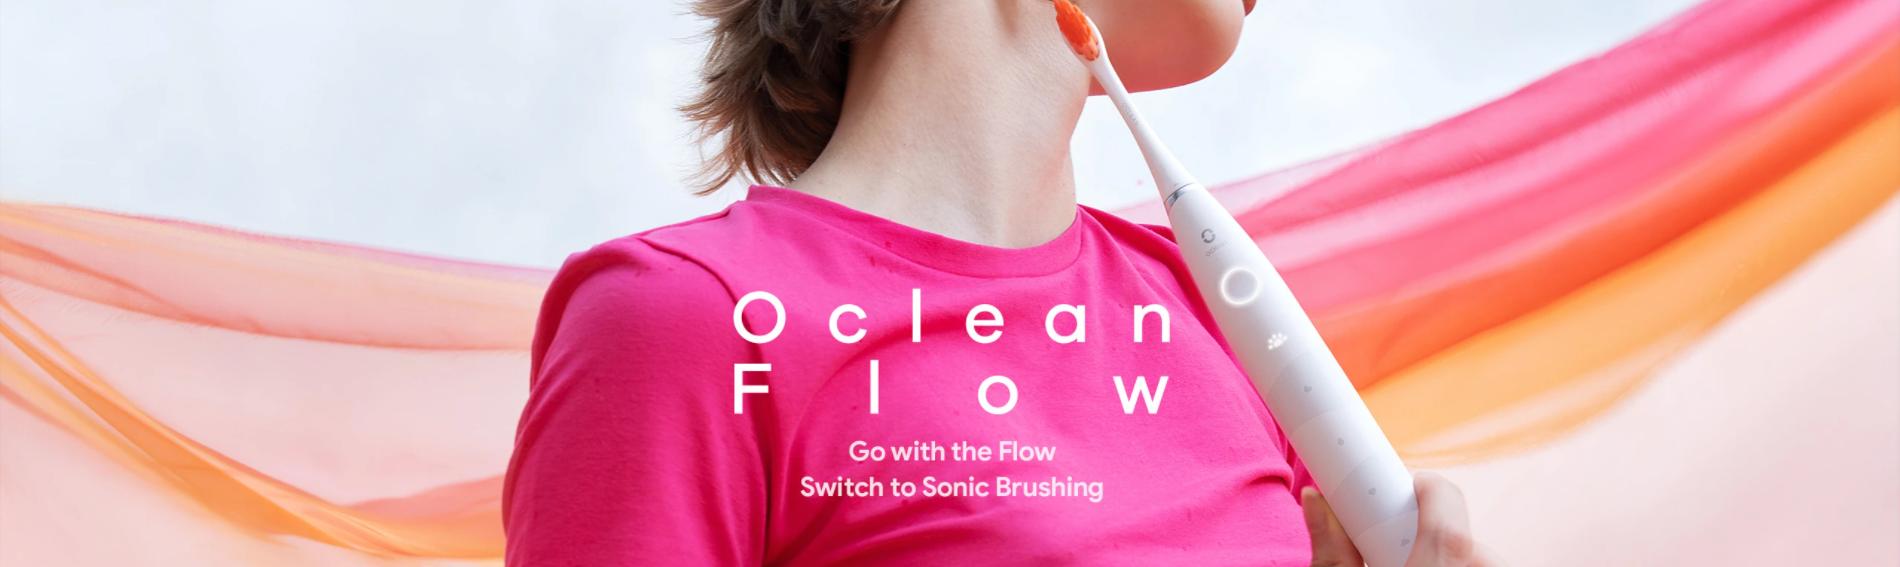 Oclean Flow szónikus fogkefe teszt 10